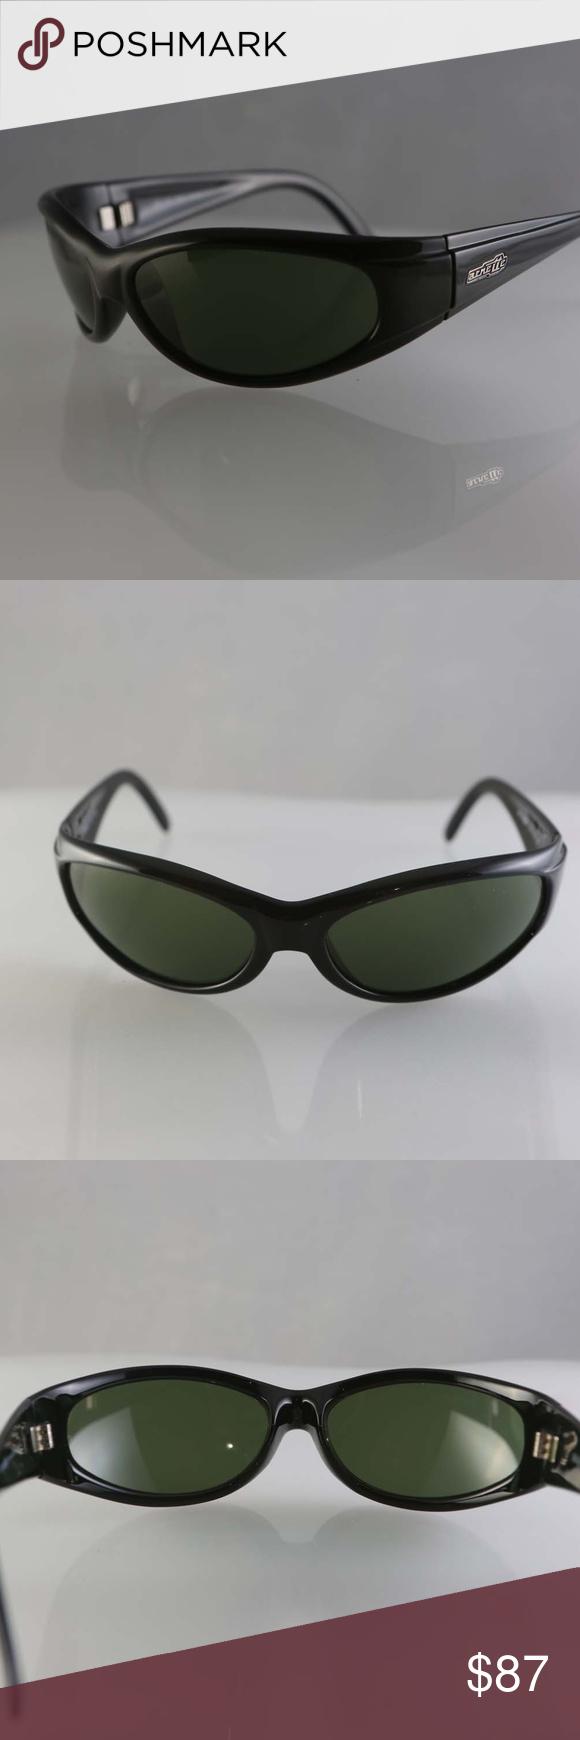 Sold Vintage 90 S Arnette Deuce Sunglasses Sunglasses Sunglasses Vintage Glasses Accessories